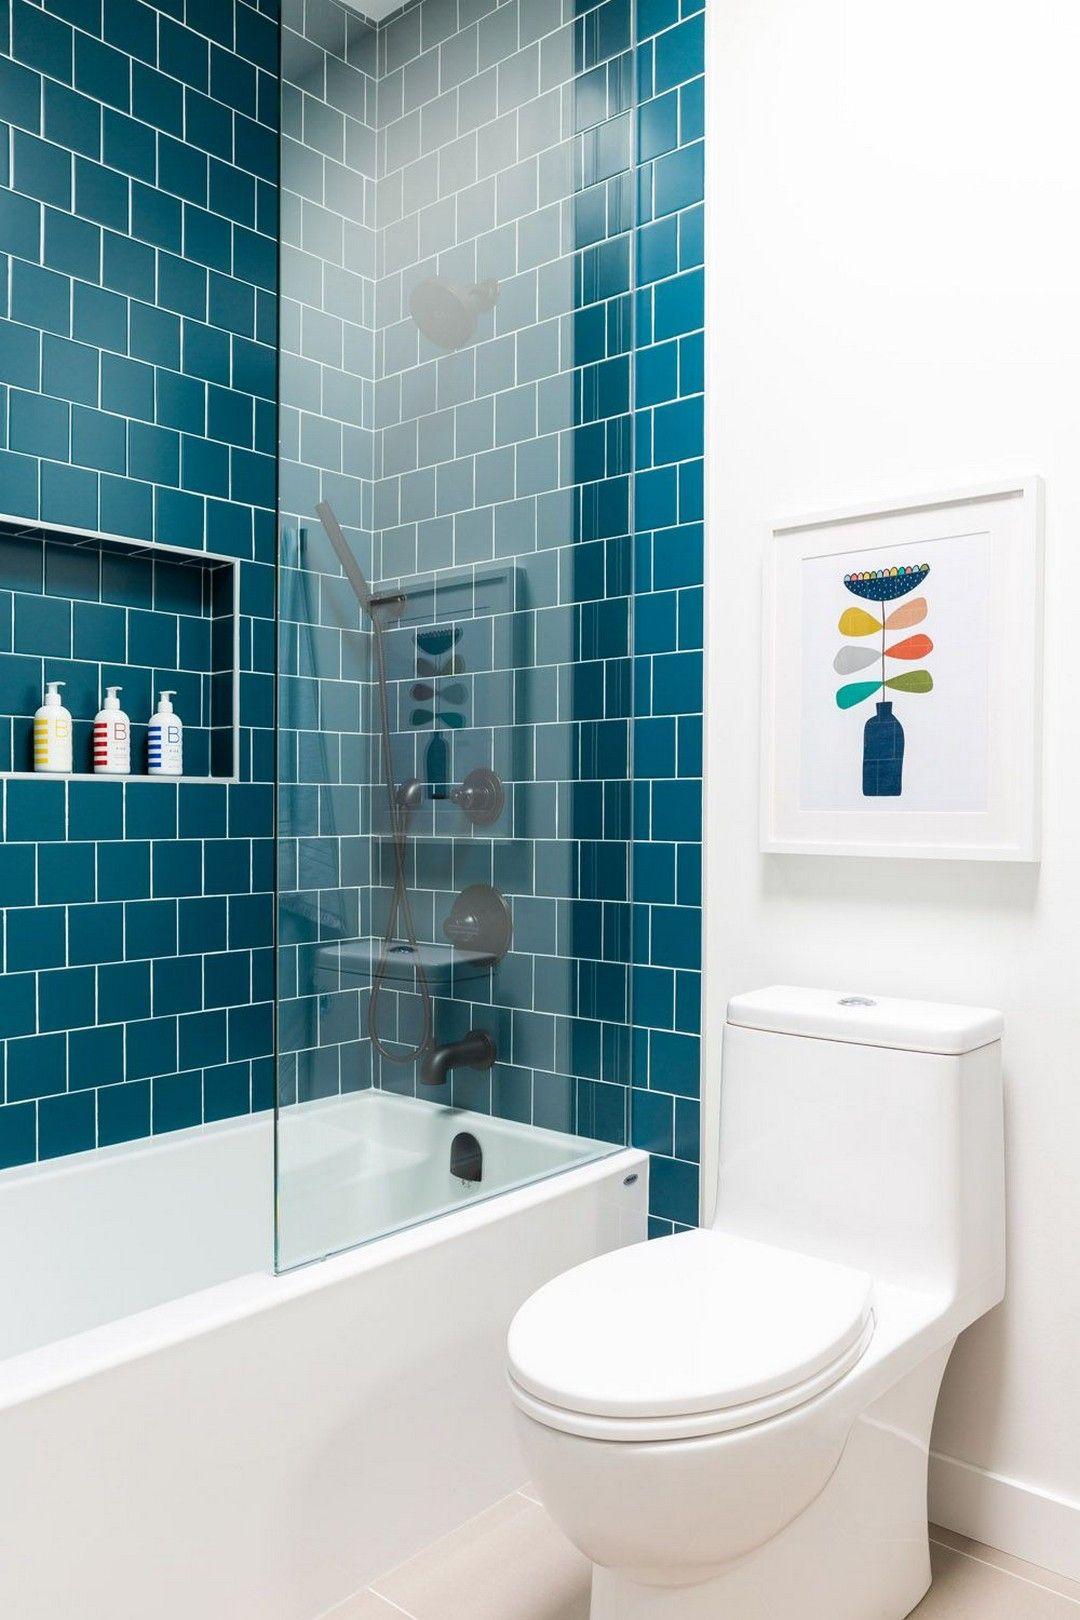 75 Midcentury Modern Bathroom Tile Ideas In 2020 Teal Bathroom Top Bathroom Design Minimalist Bathroom